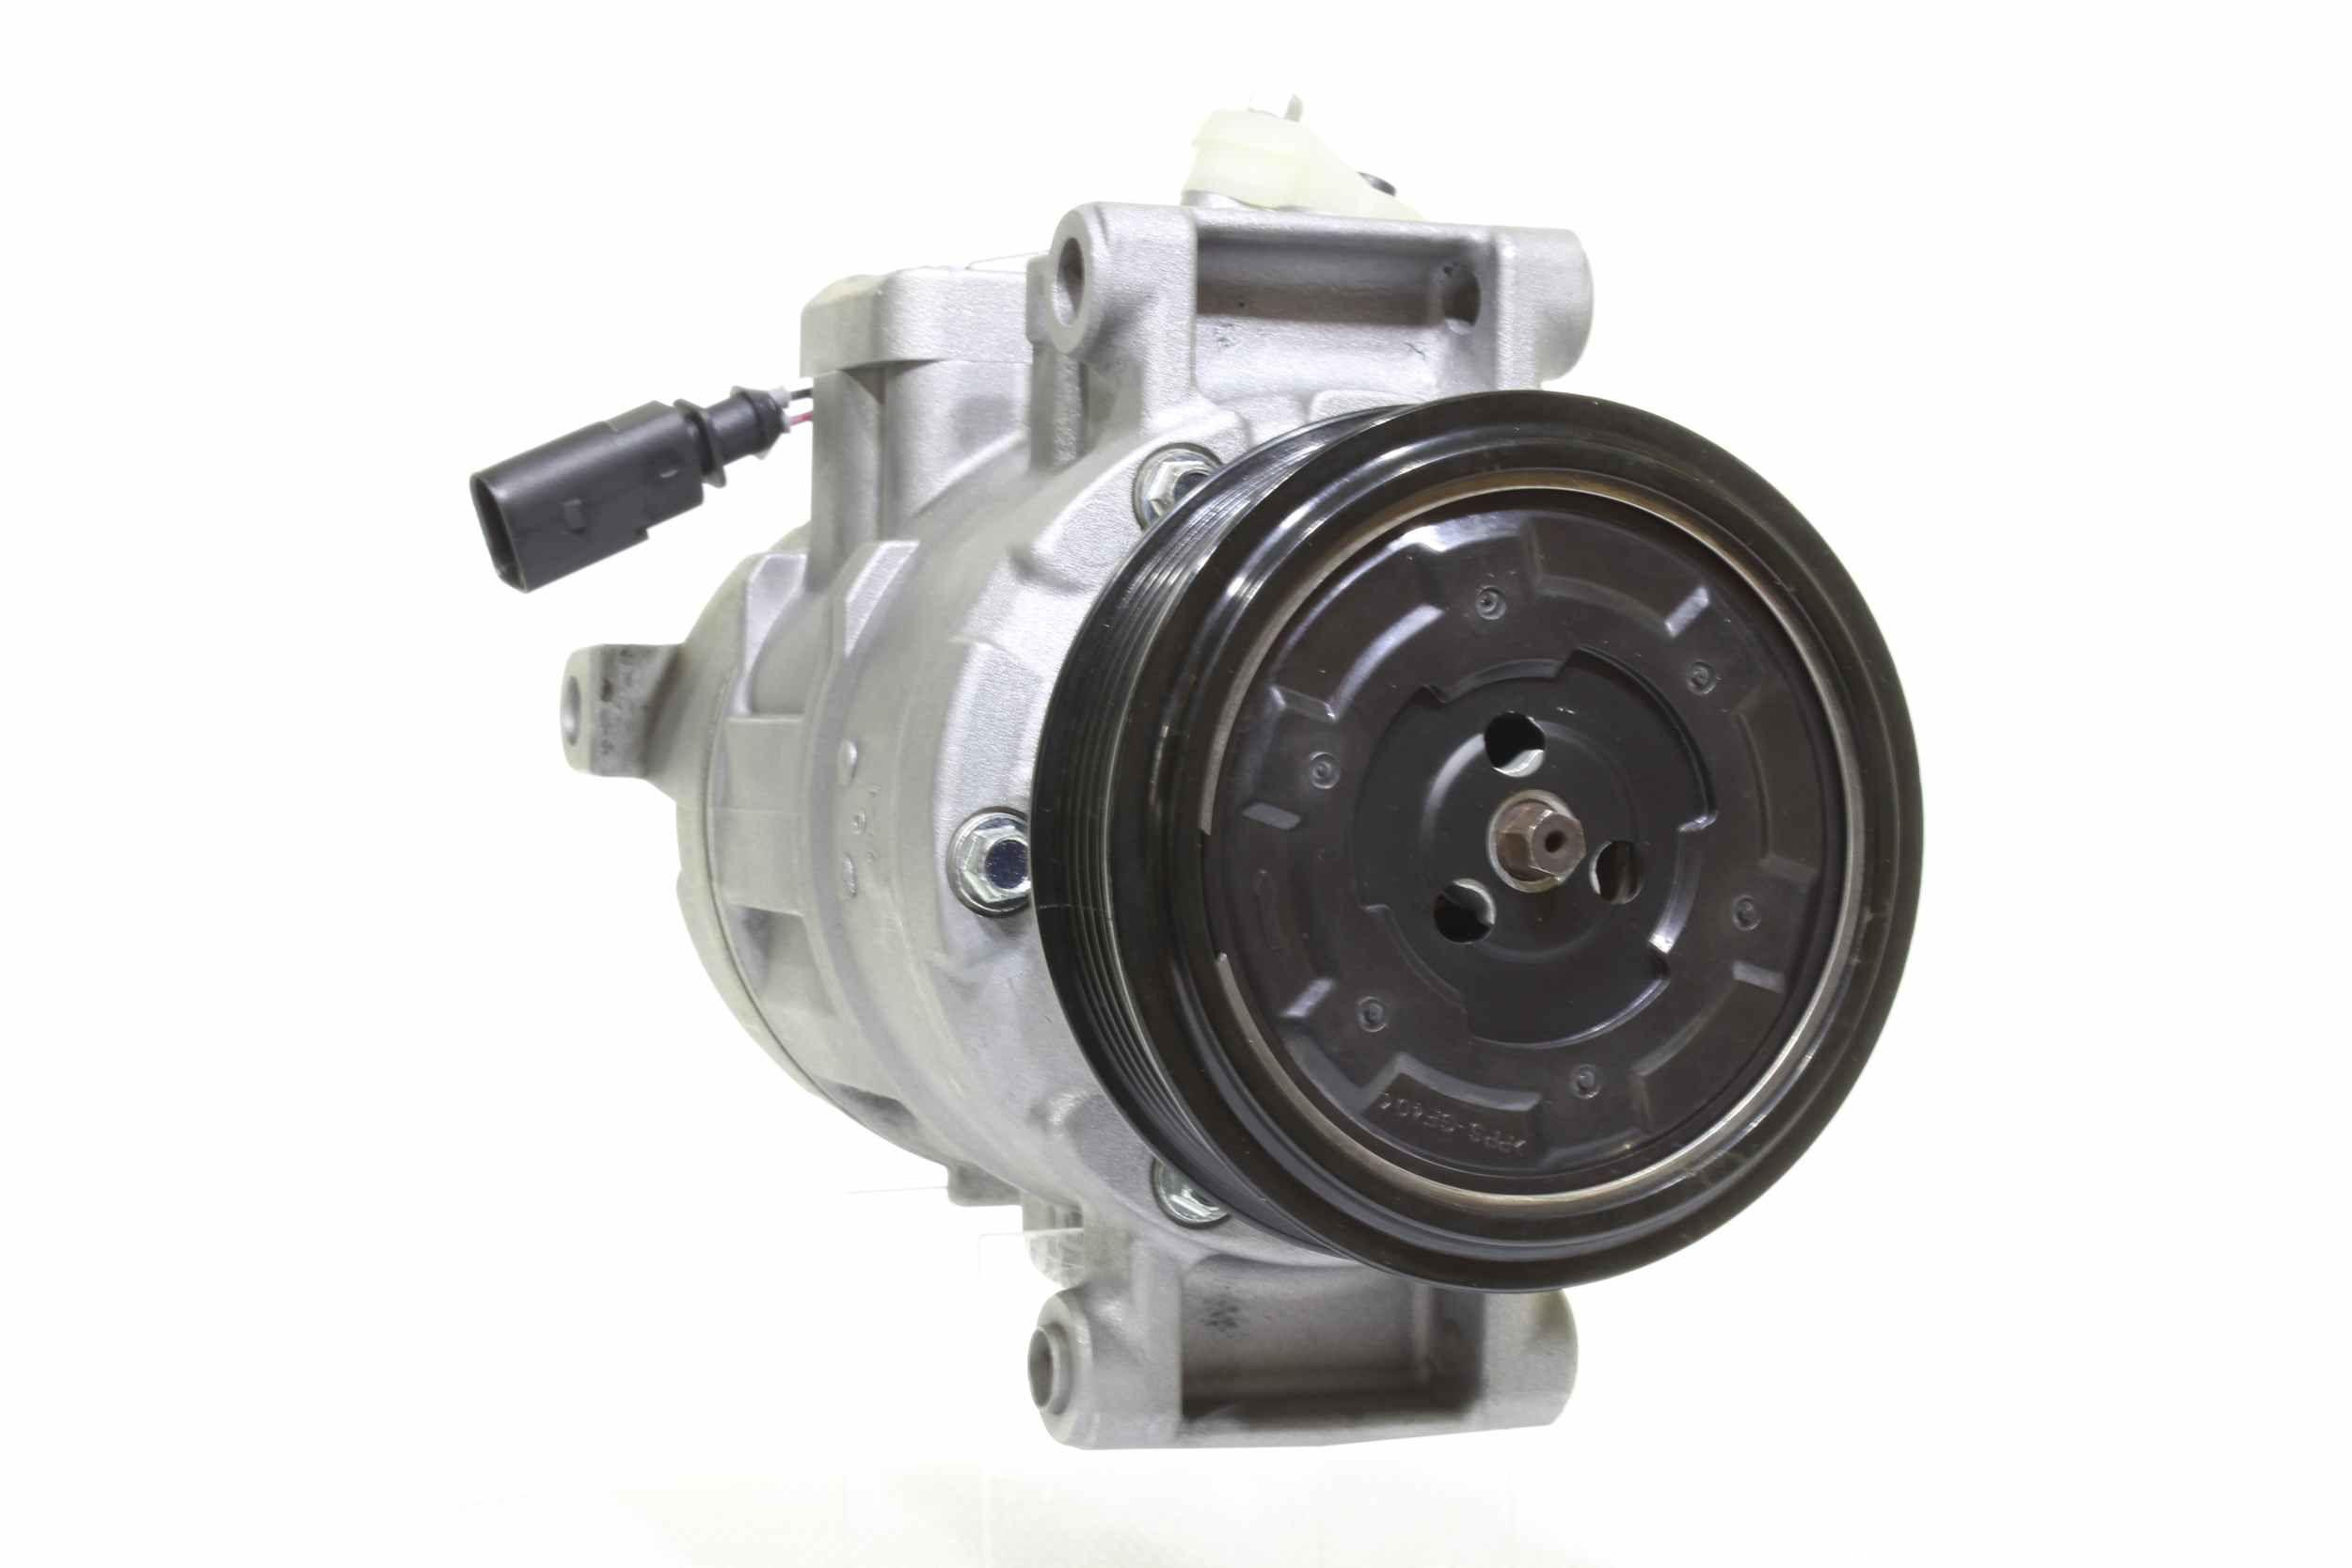 10550934 Kältemittelkompressor ALANKO Erfahrung